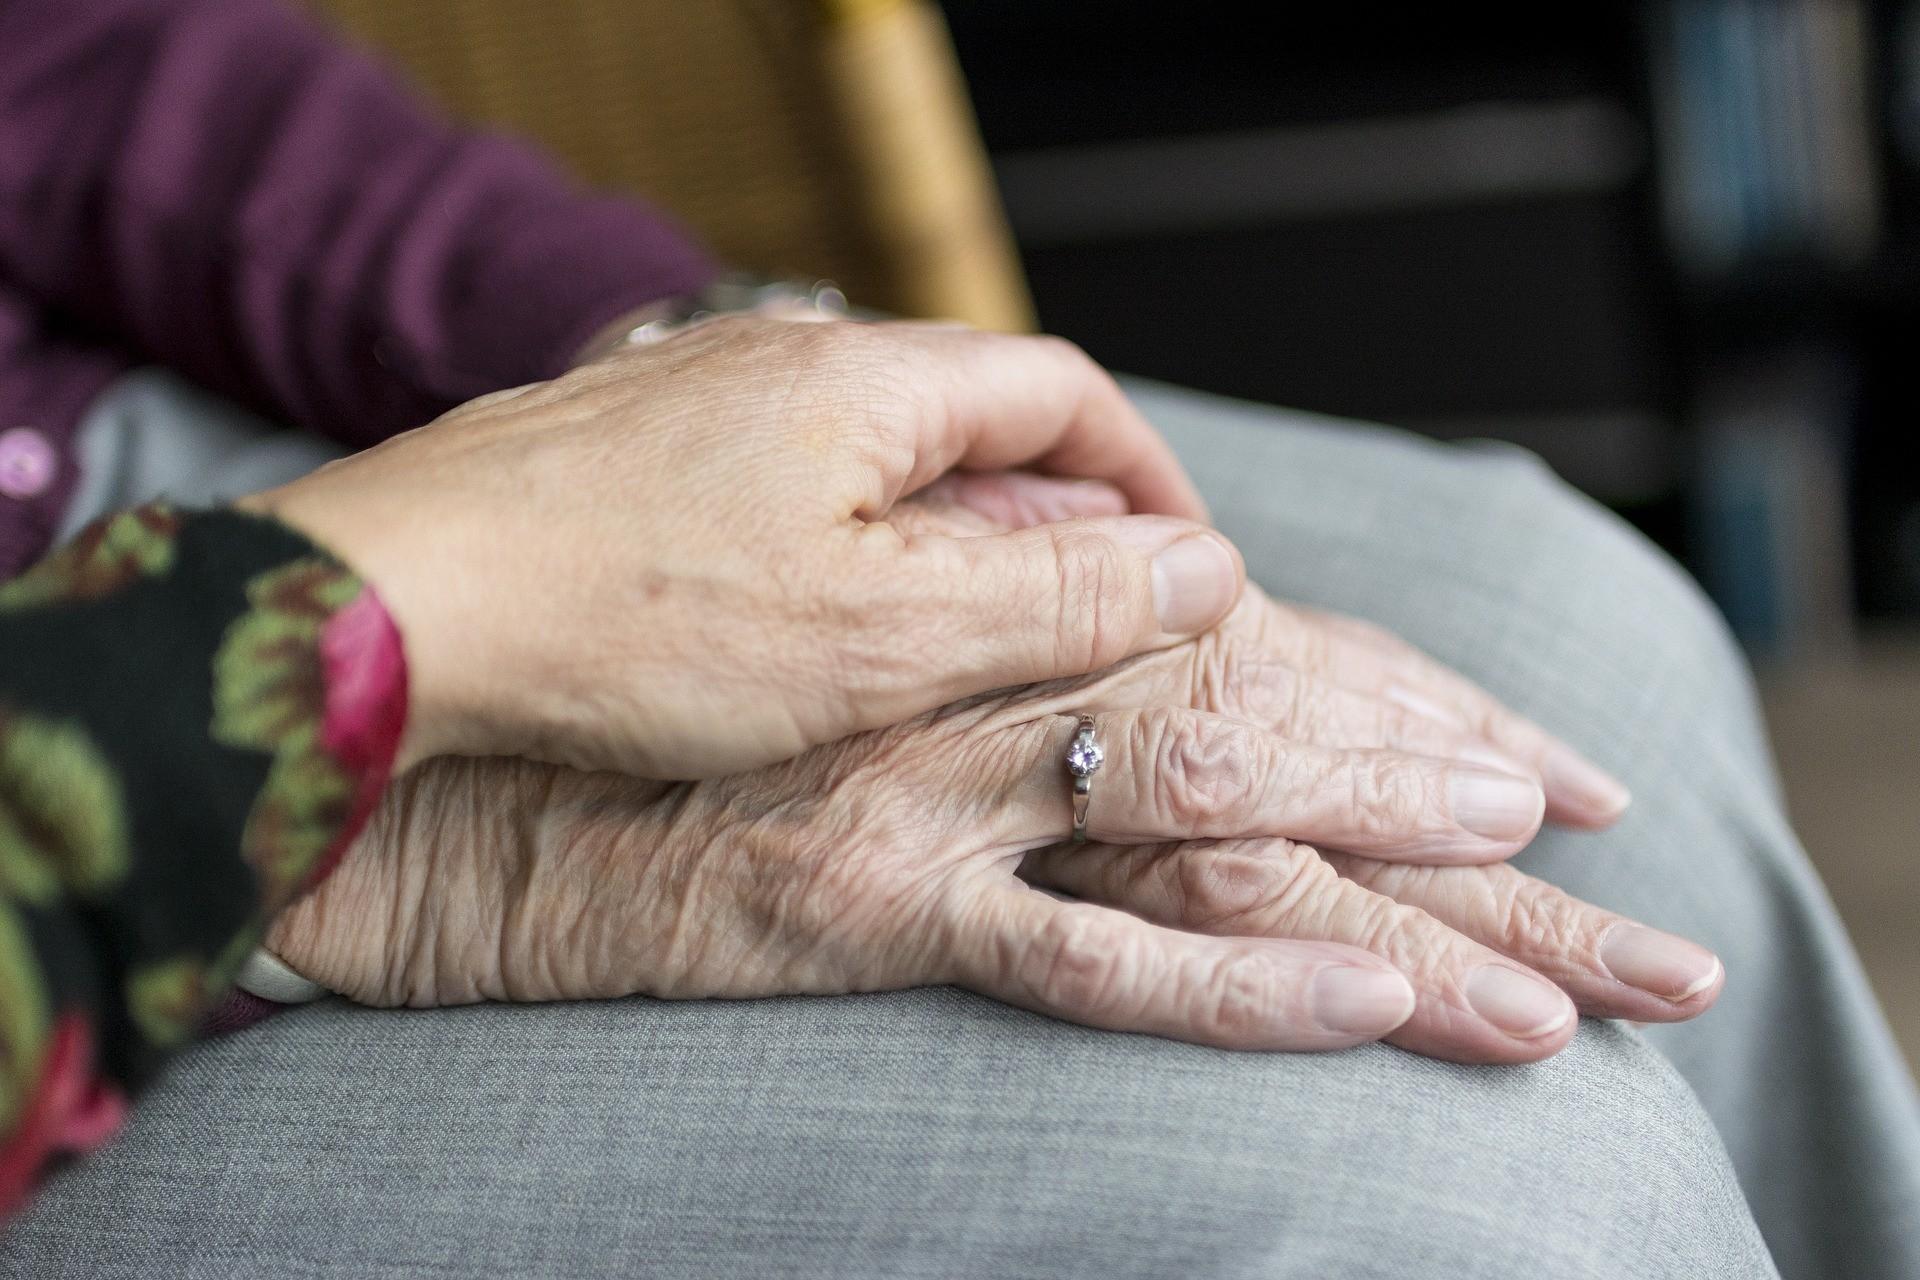 Pesquisa da UFU que avalia tremores da doença de Parkinson é premiada